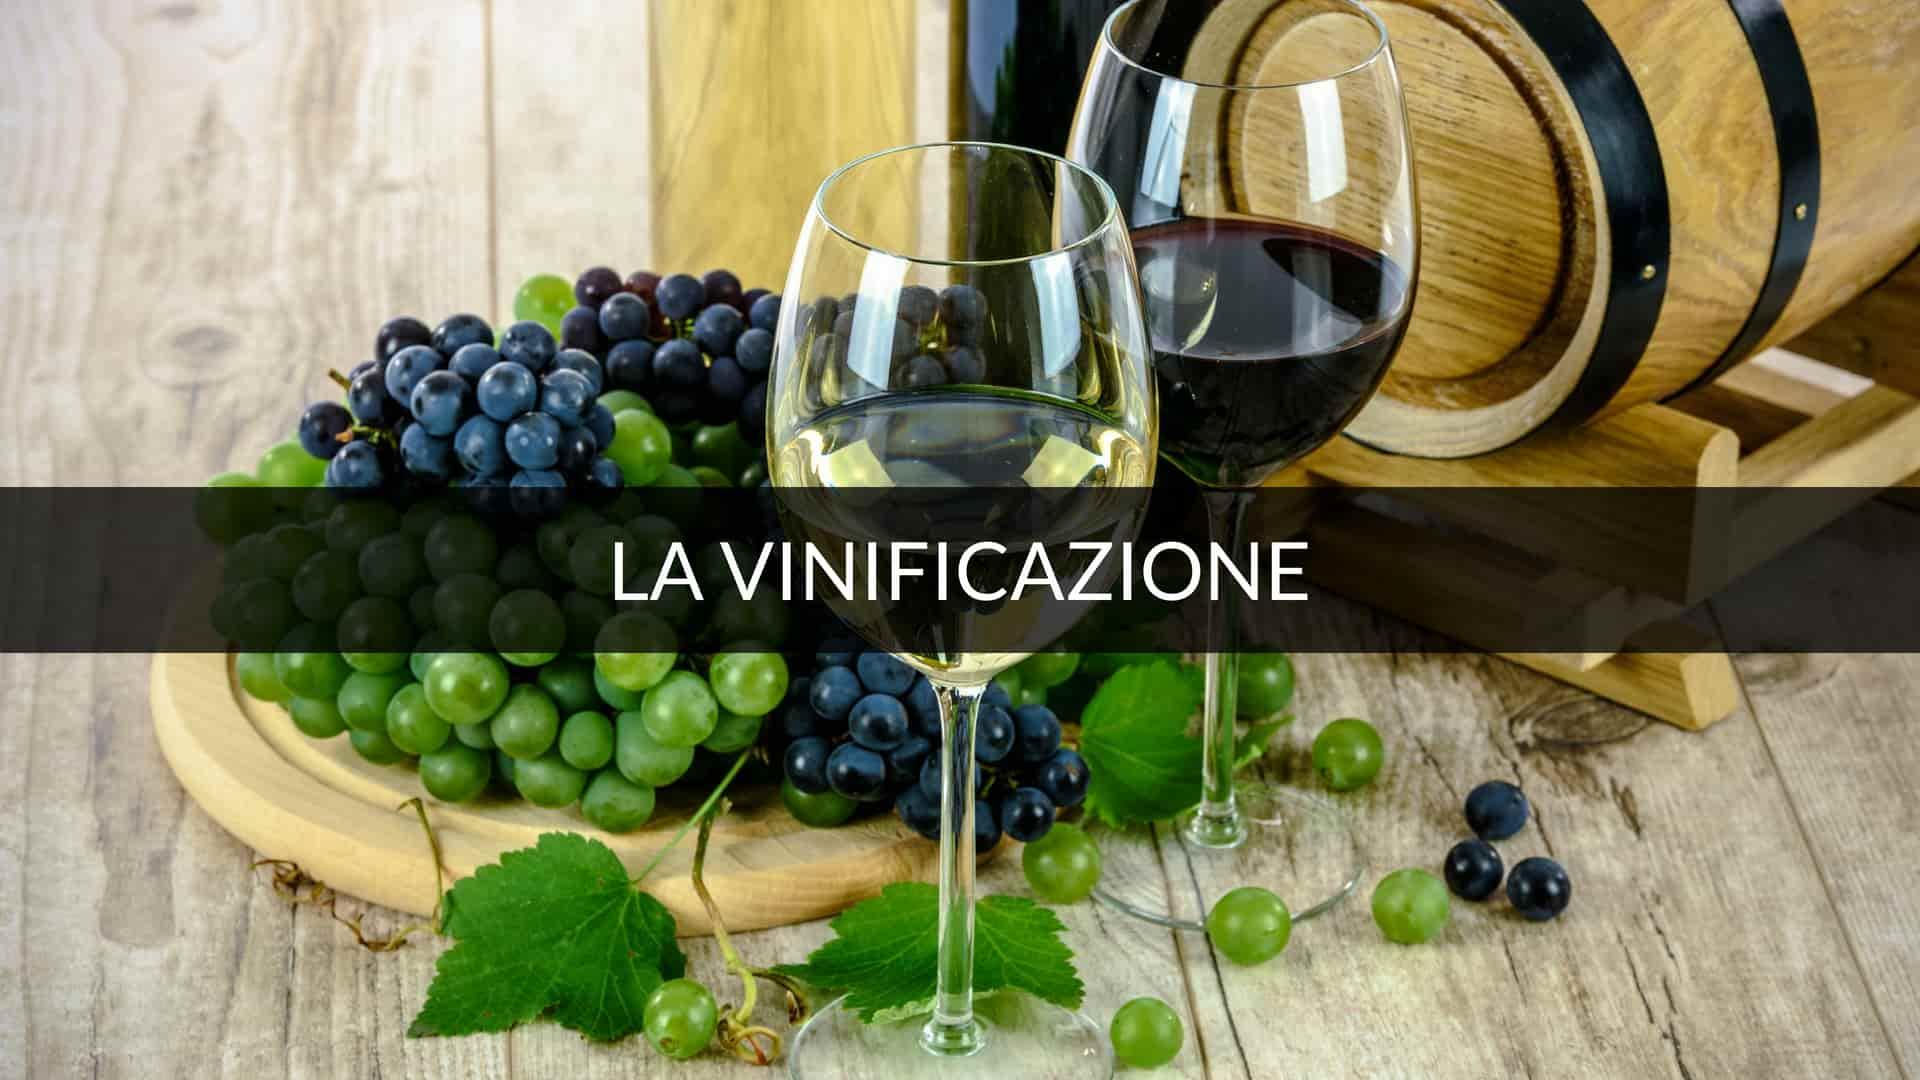 vinificazione in bianco , vino biancom mosto